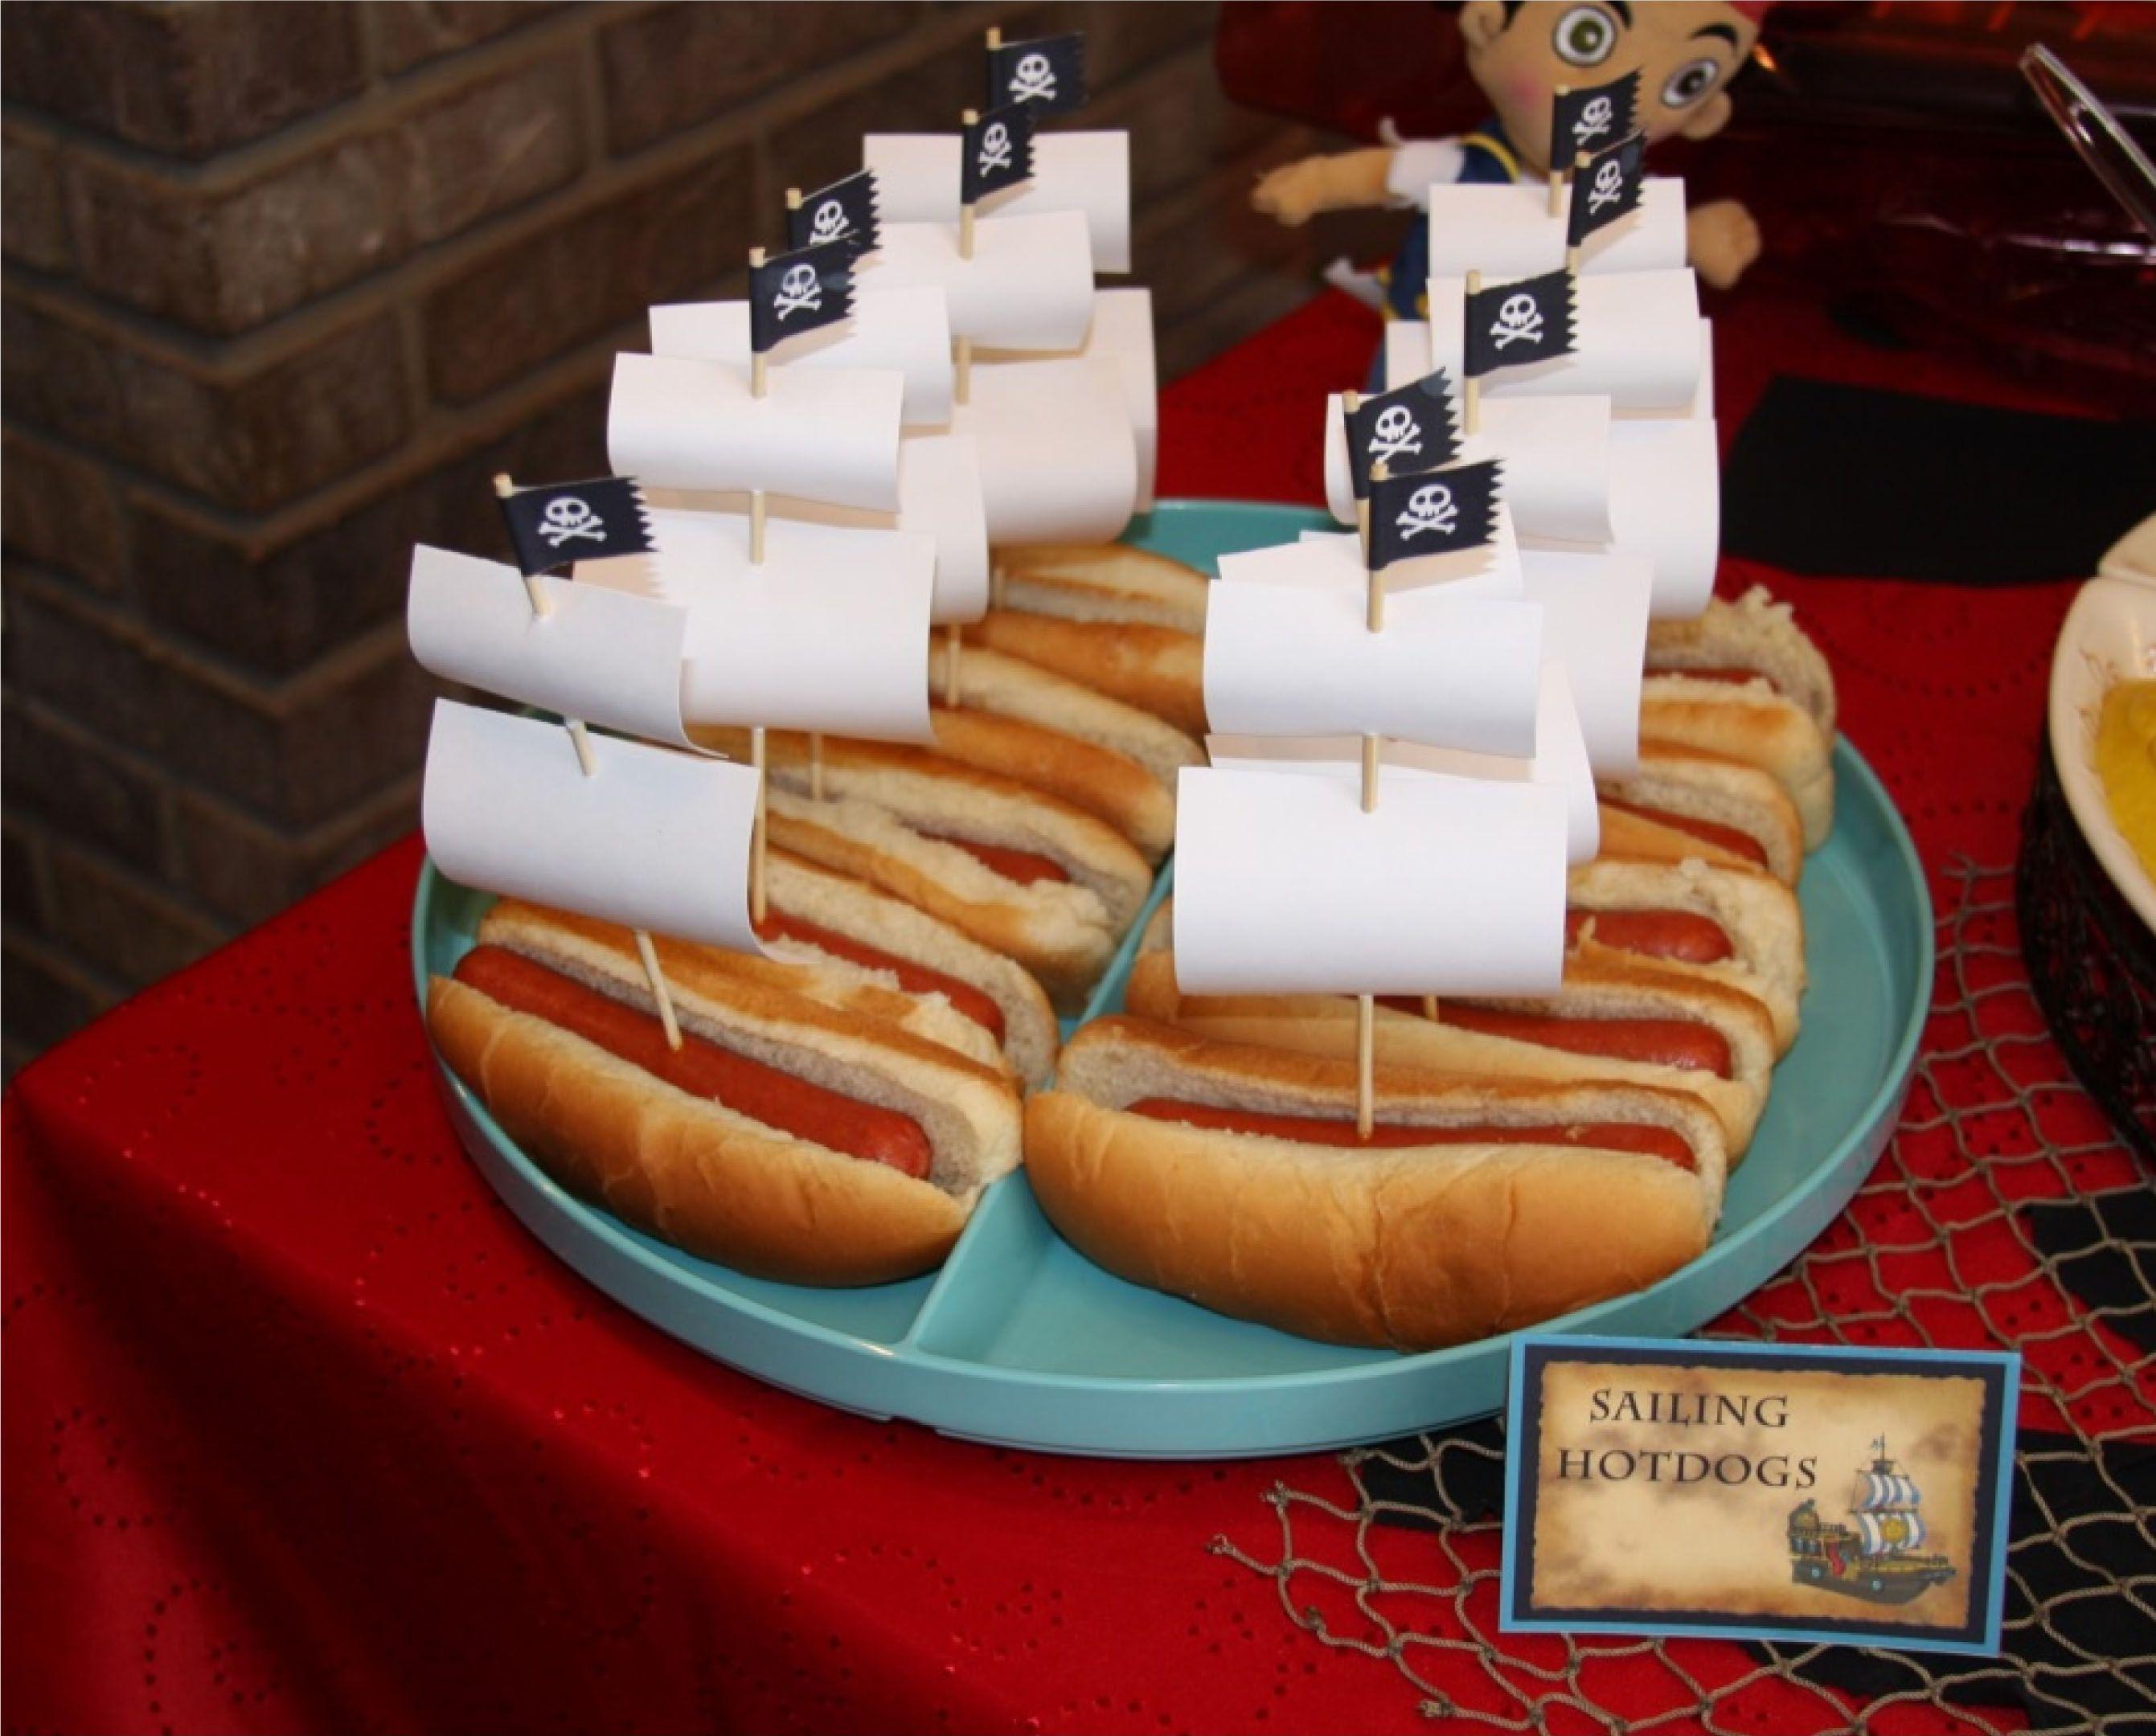 pinkteaspoon.files.wordpress.com 2013 04 hotdog-sails2.jpg